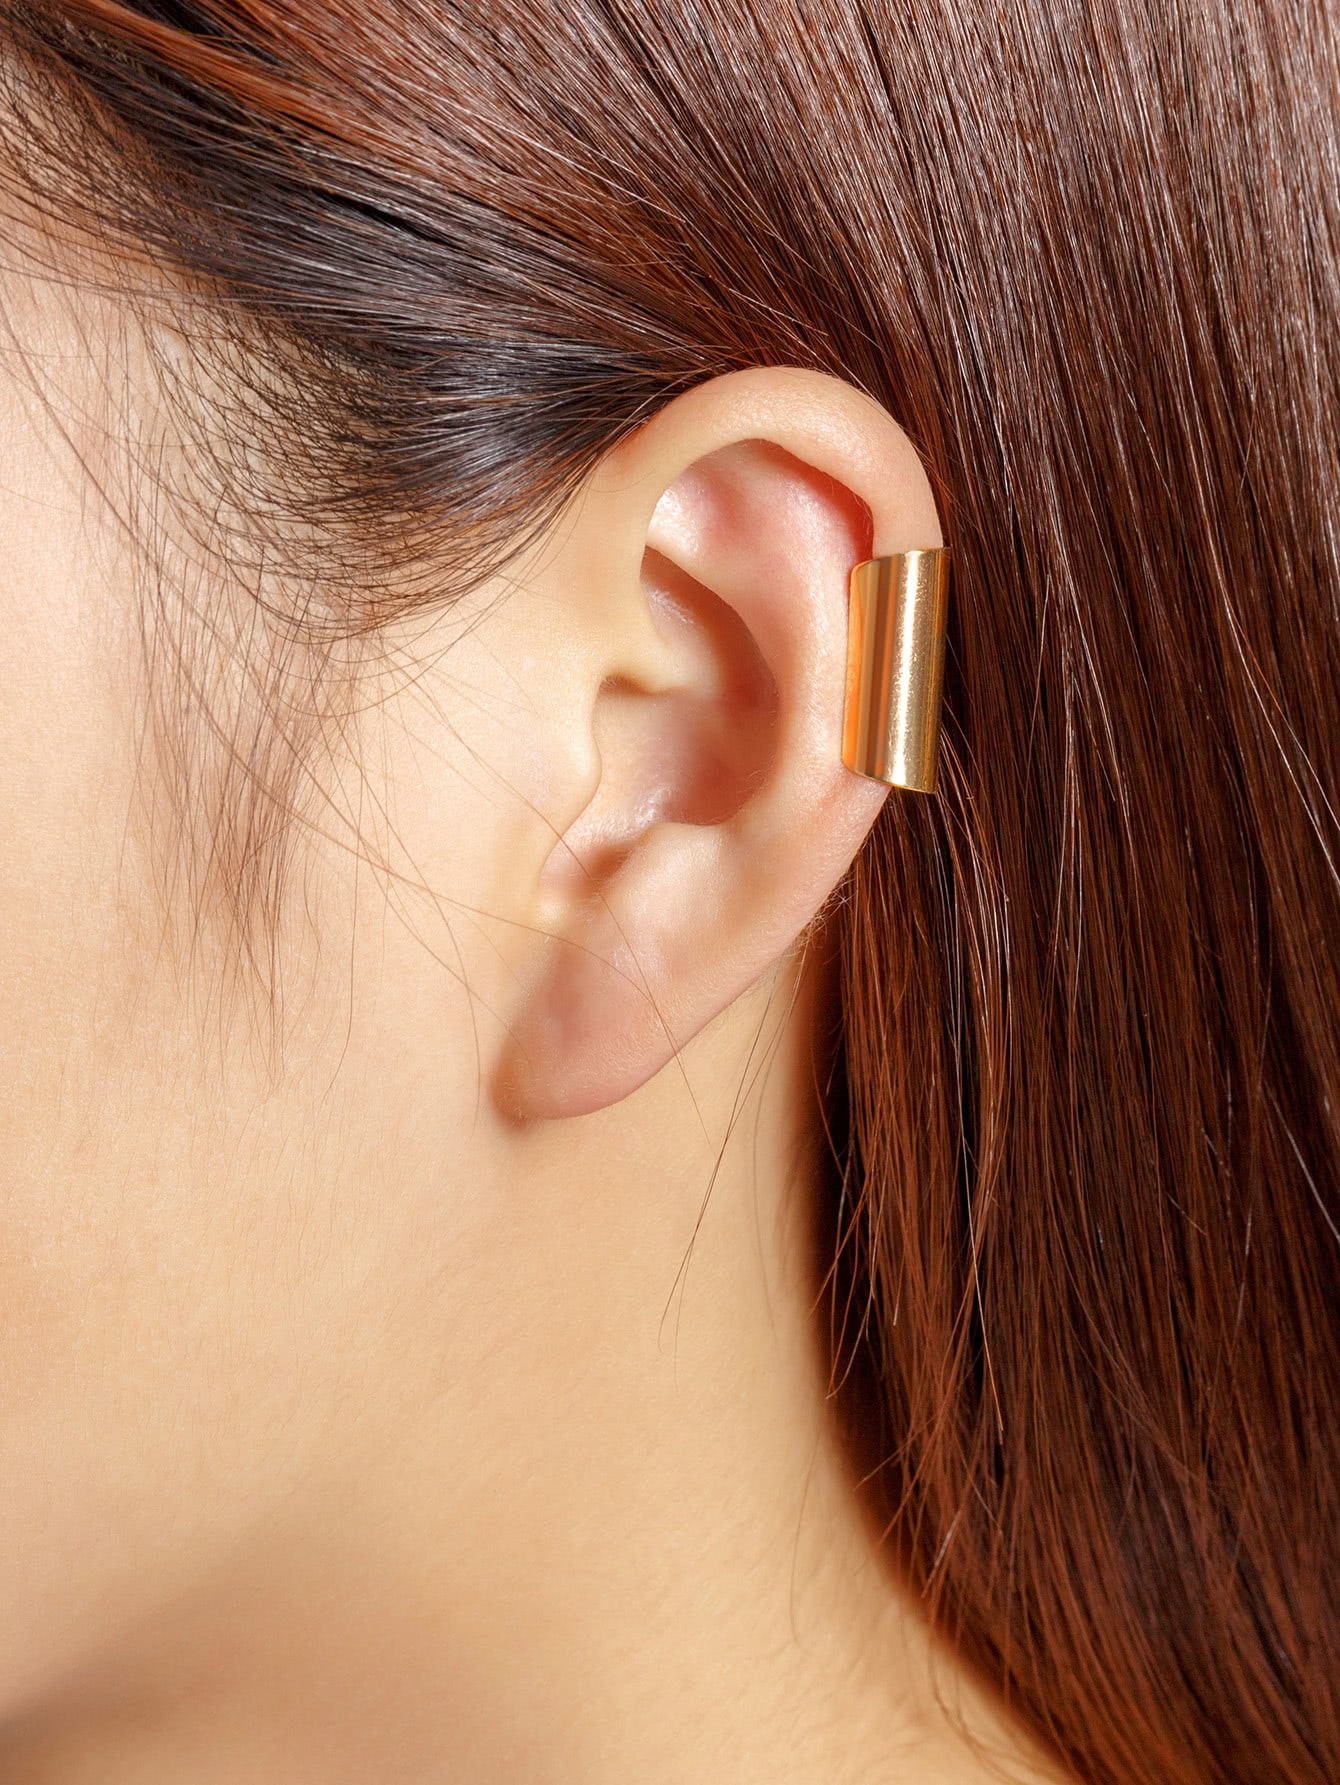 Simple Metal Ear Cuff 1pcs